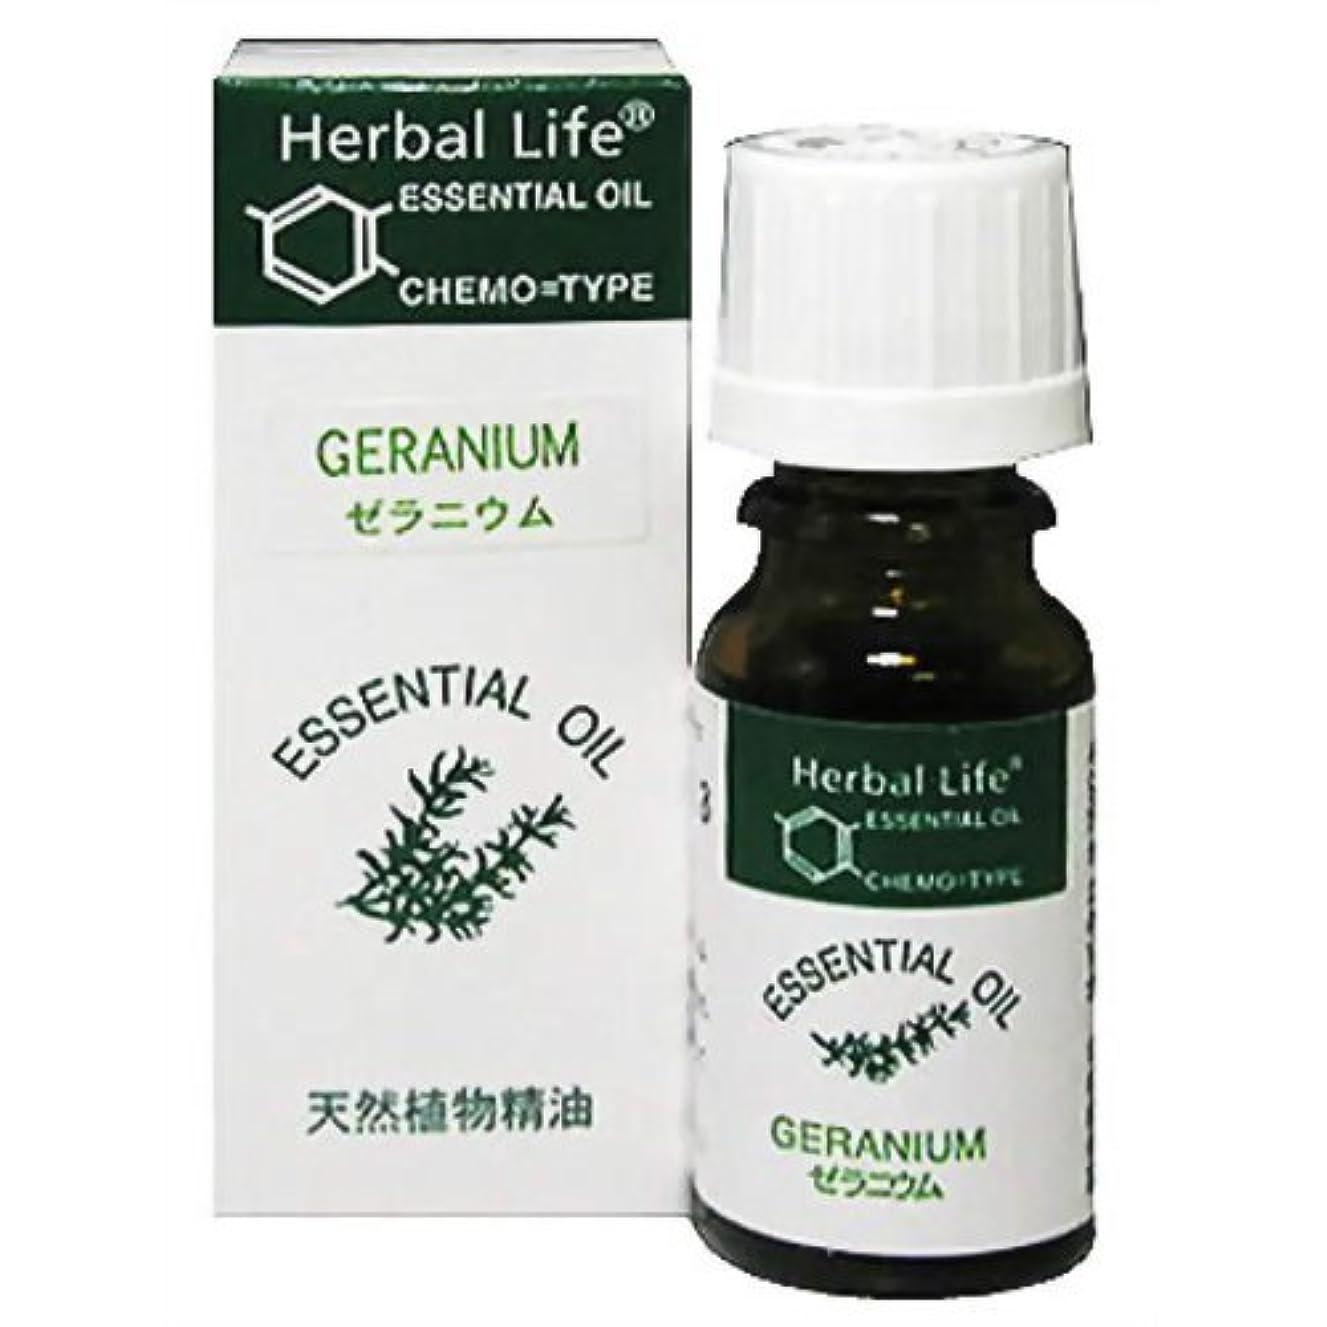 シフトブランド名宿題Herbal Life ゼラニウム 10ml